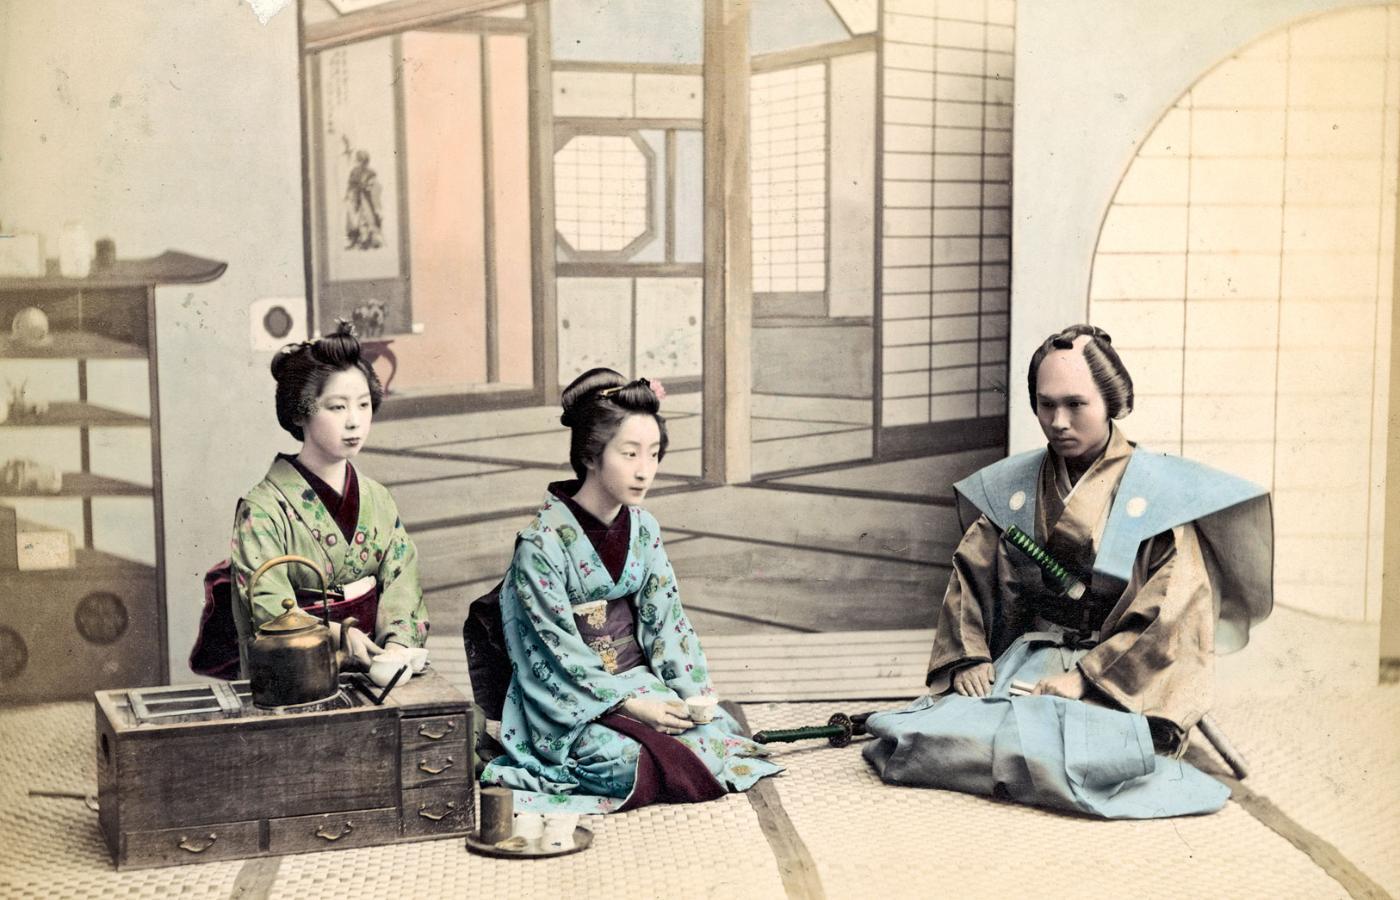 japoński film z aktualnościami mamy i córki lesbijki